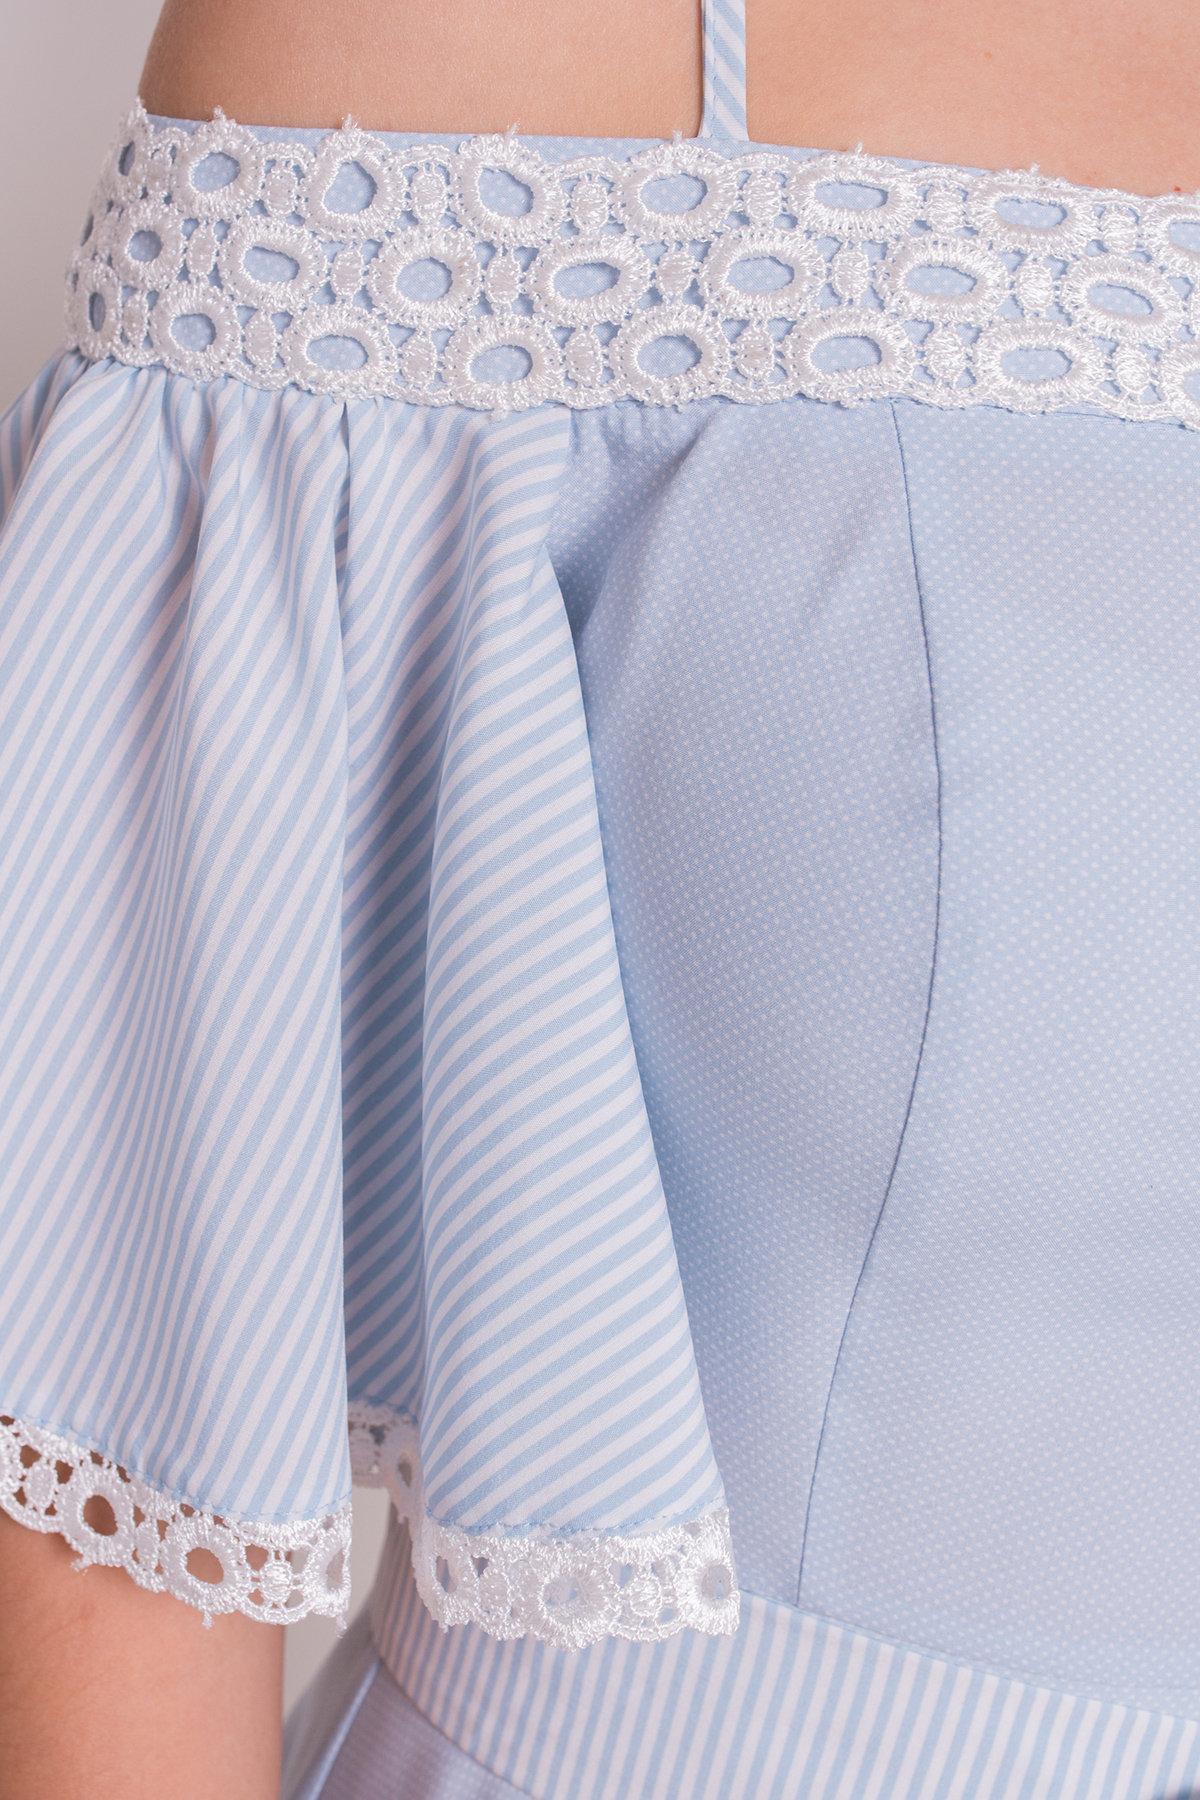 Платье Виолетта 4984 АРТ. 35583 Цвет: Голубой/ молоко горох - фото 4, интернет магазин tm-modus.ru